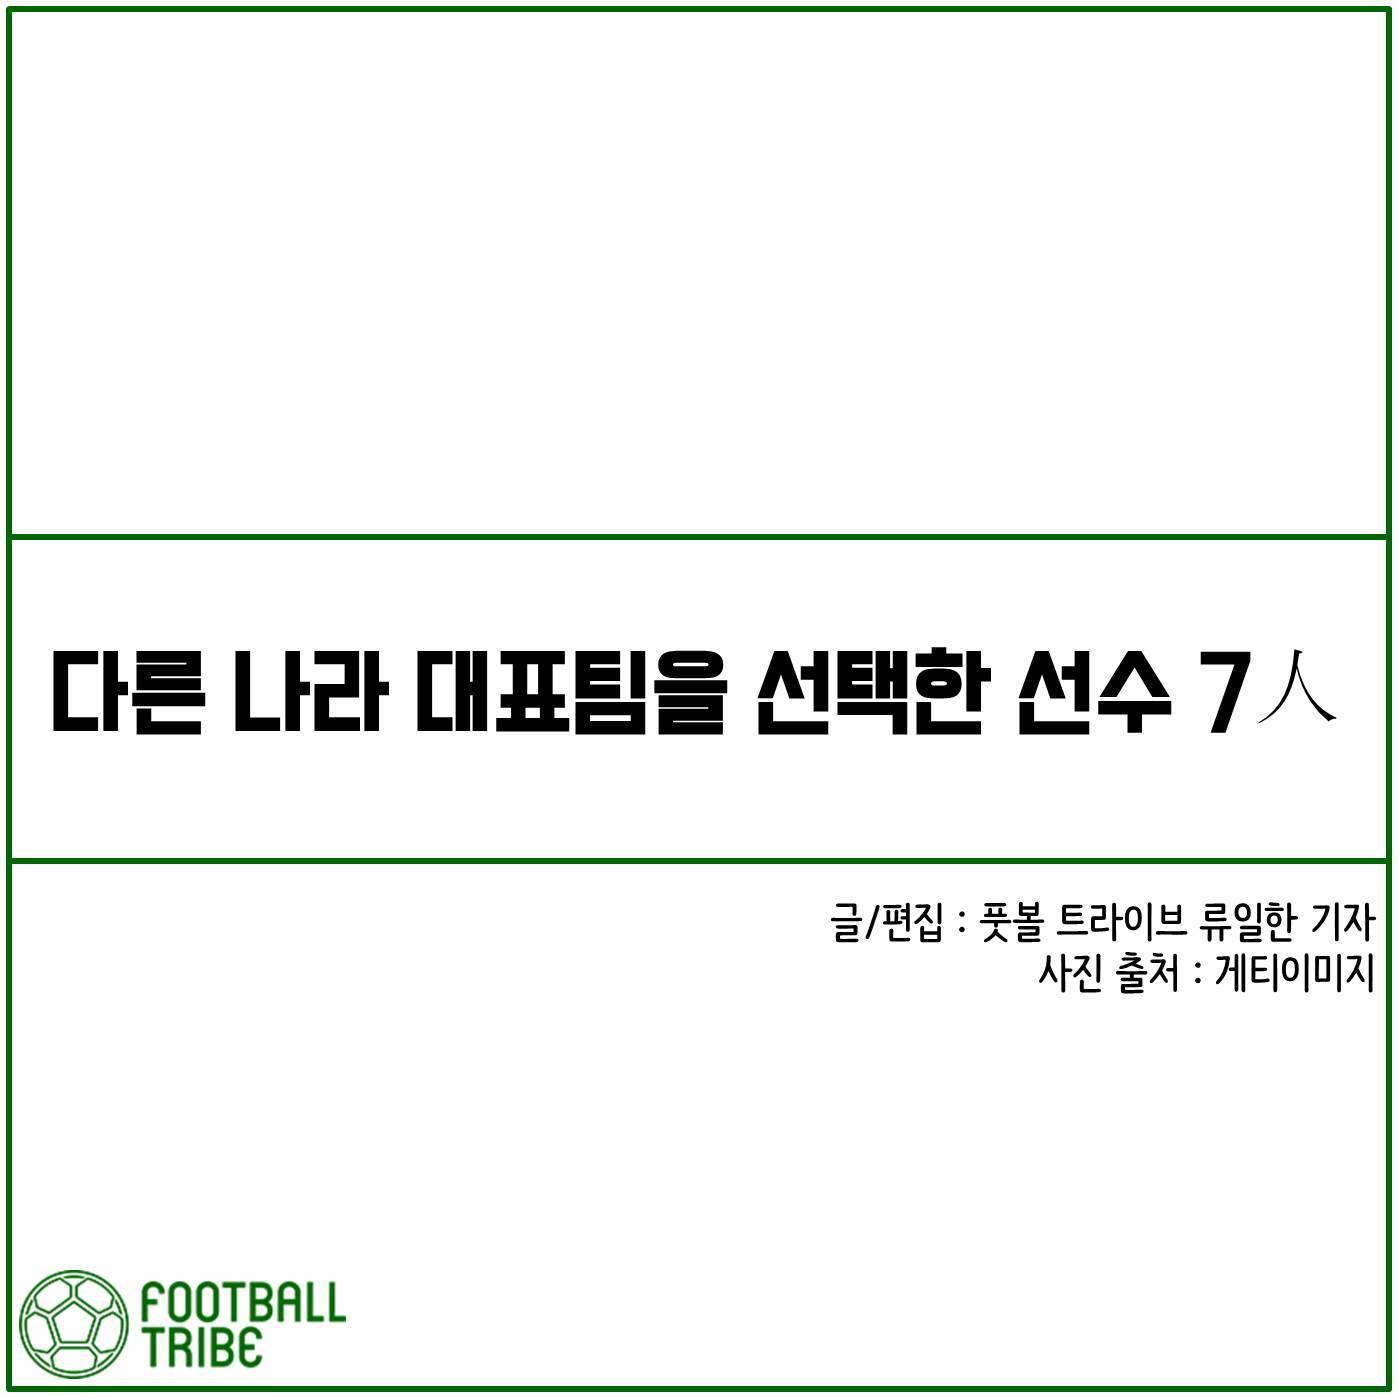 [카드 뉴스] 다른 나라 대표팀을 선택한 선수 7人